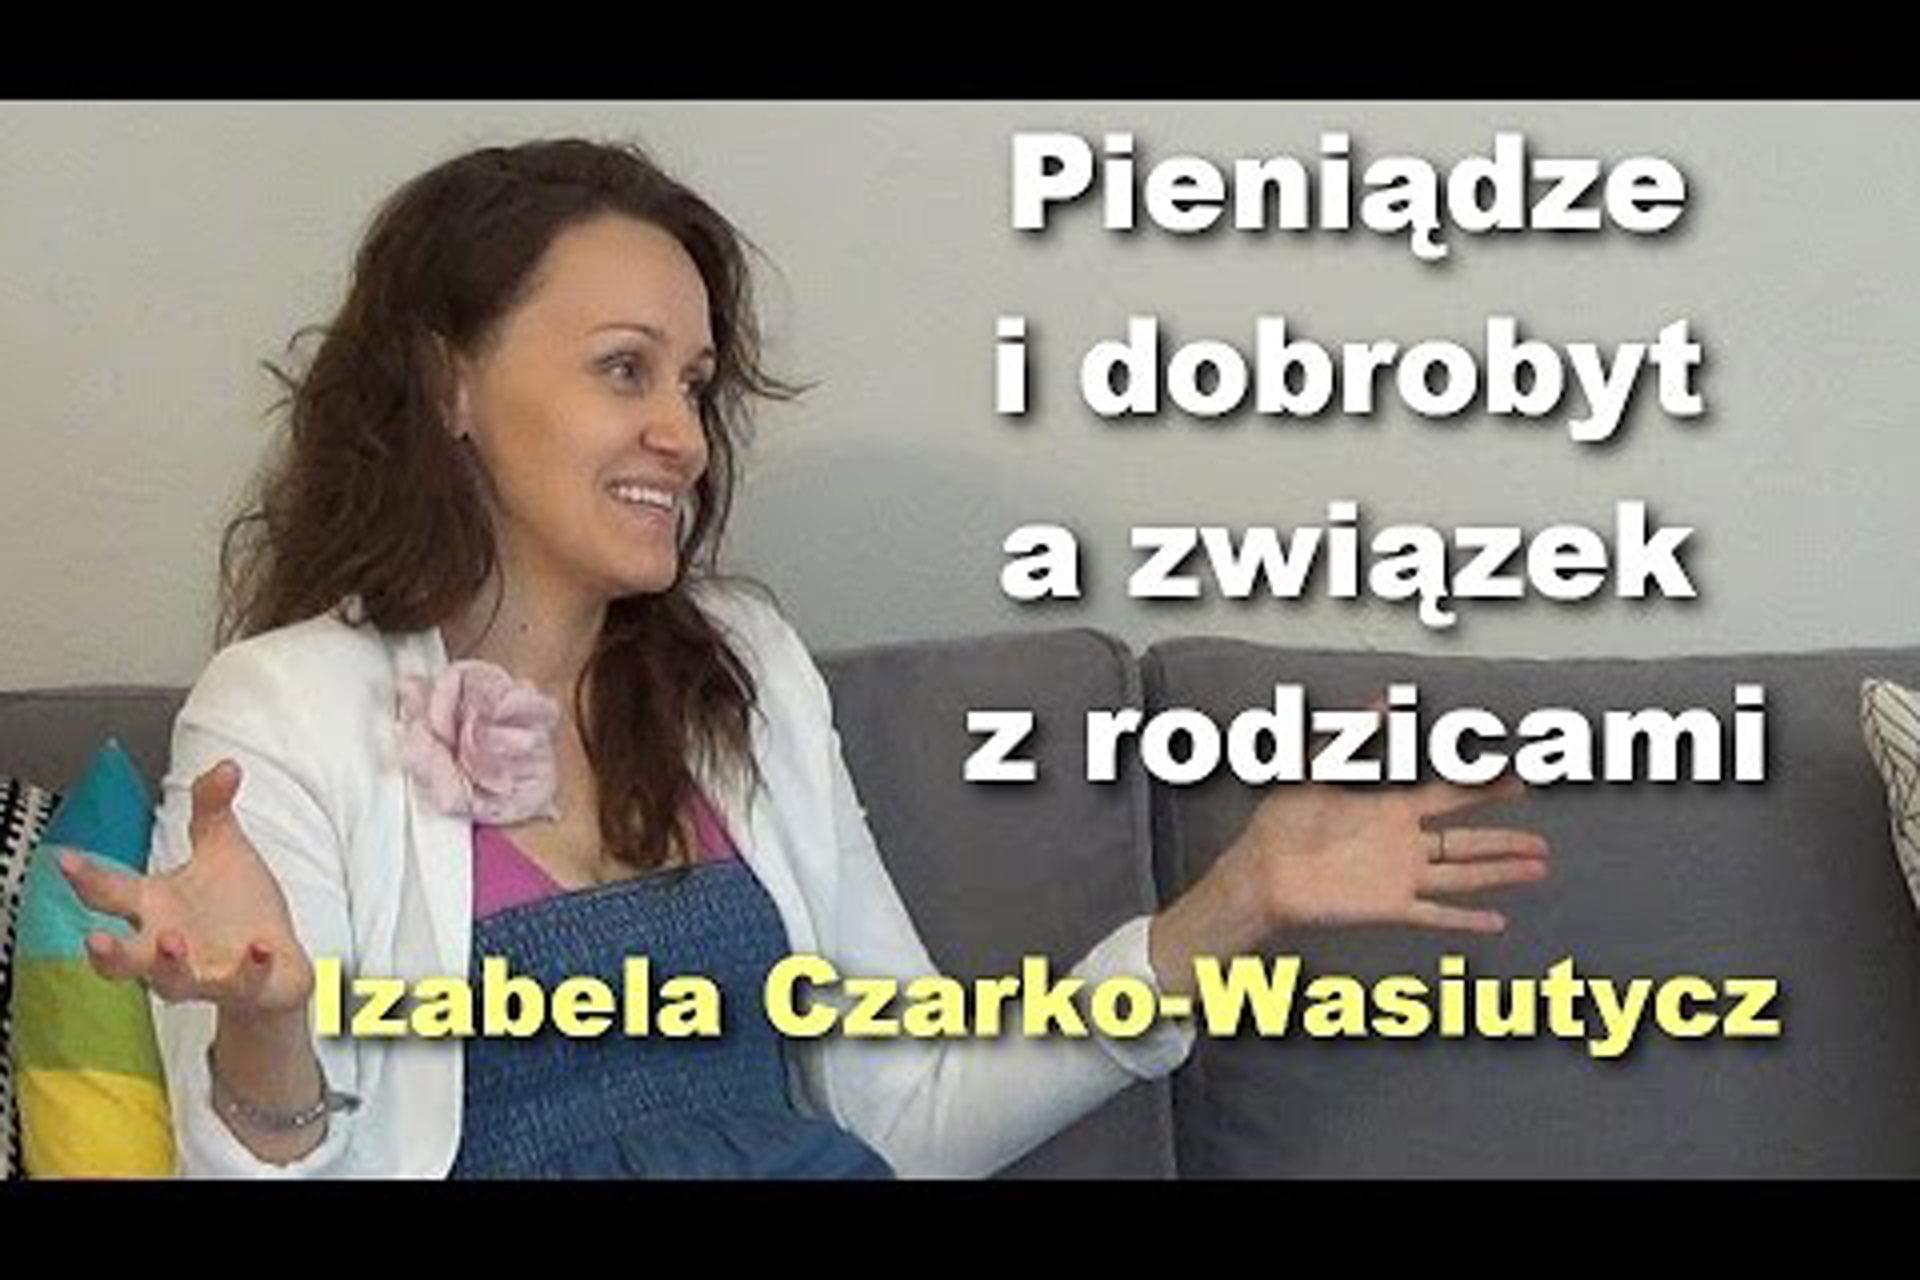 Pieniądze i dobrobyt a związek z rodzicami - Izabela Czarko-Wasiutycz